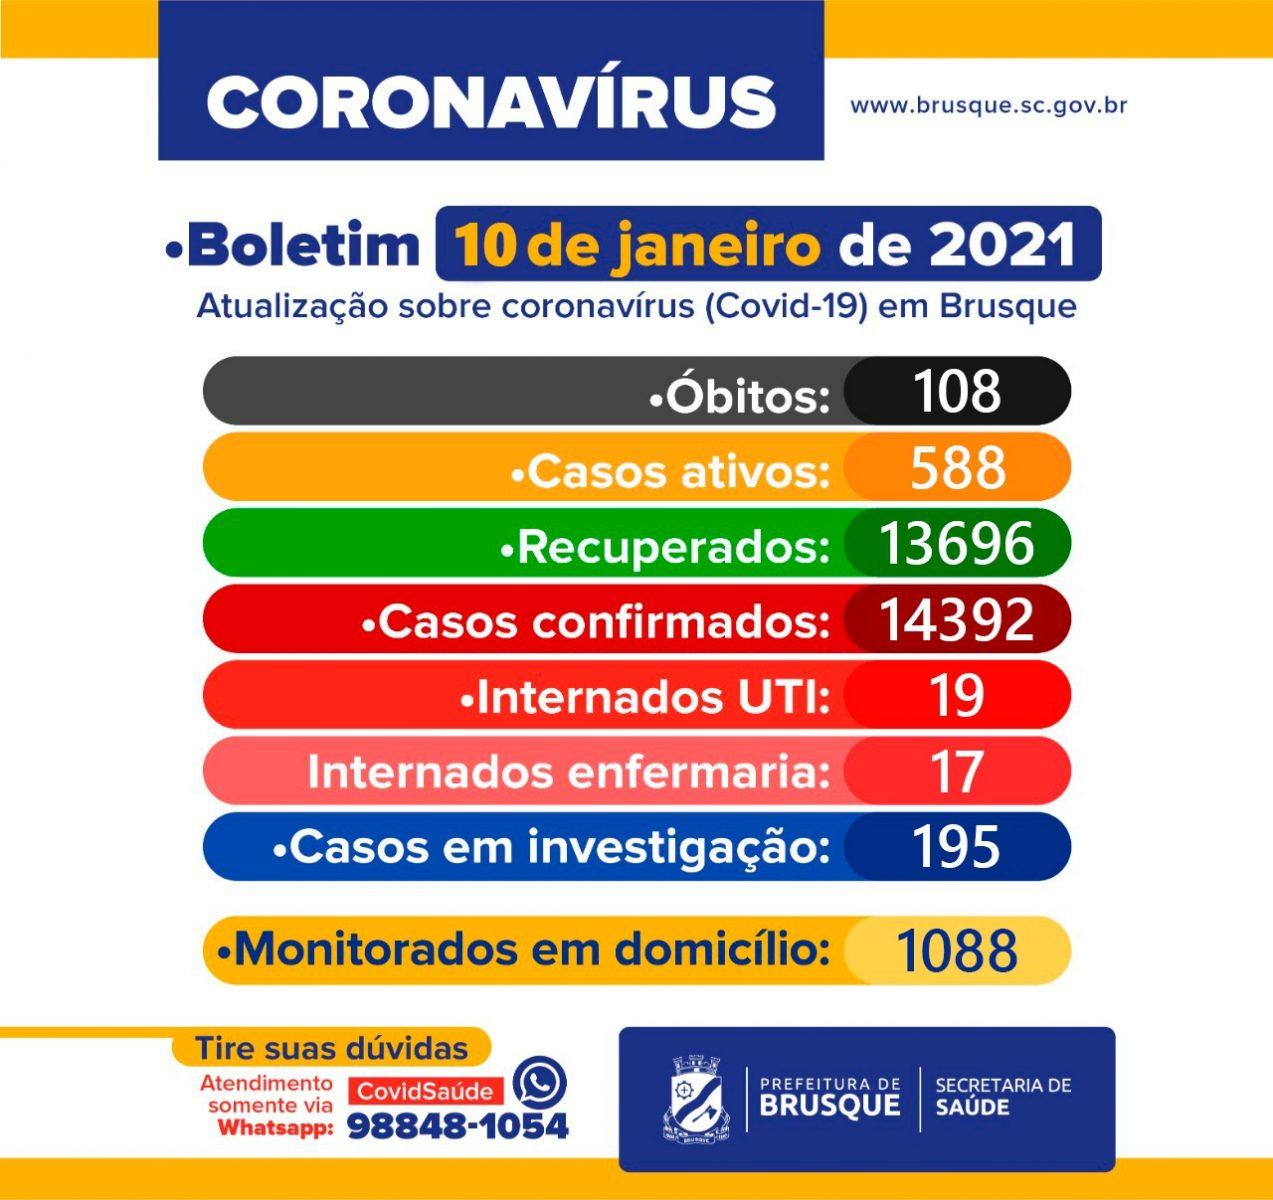 Covid-19: Confira o boletim epidemiológico deste domingo (10)